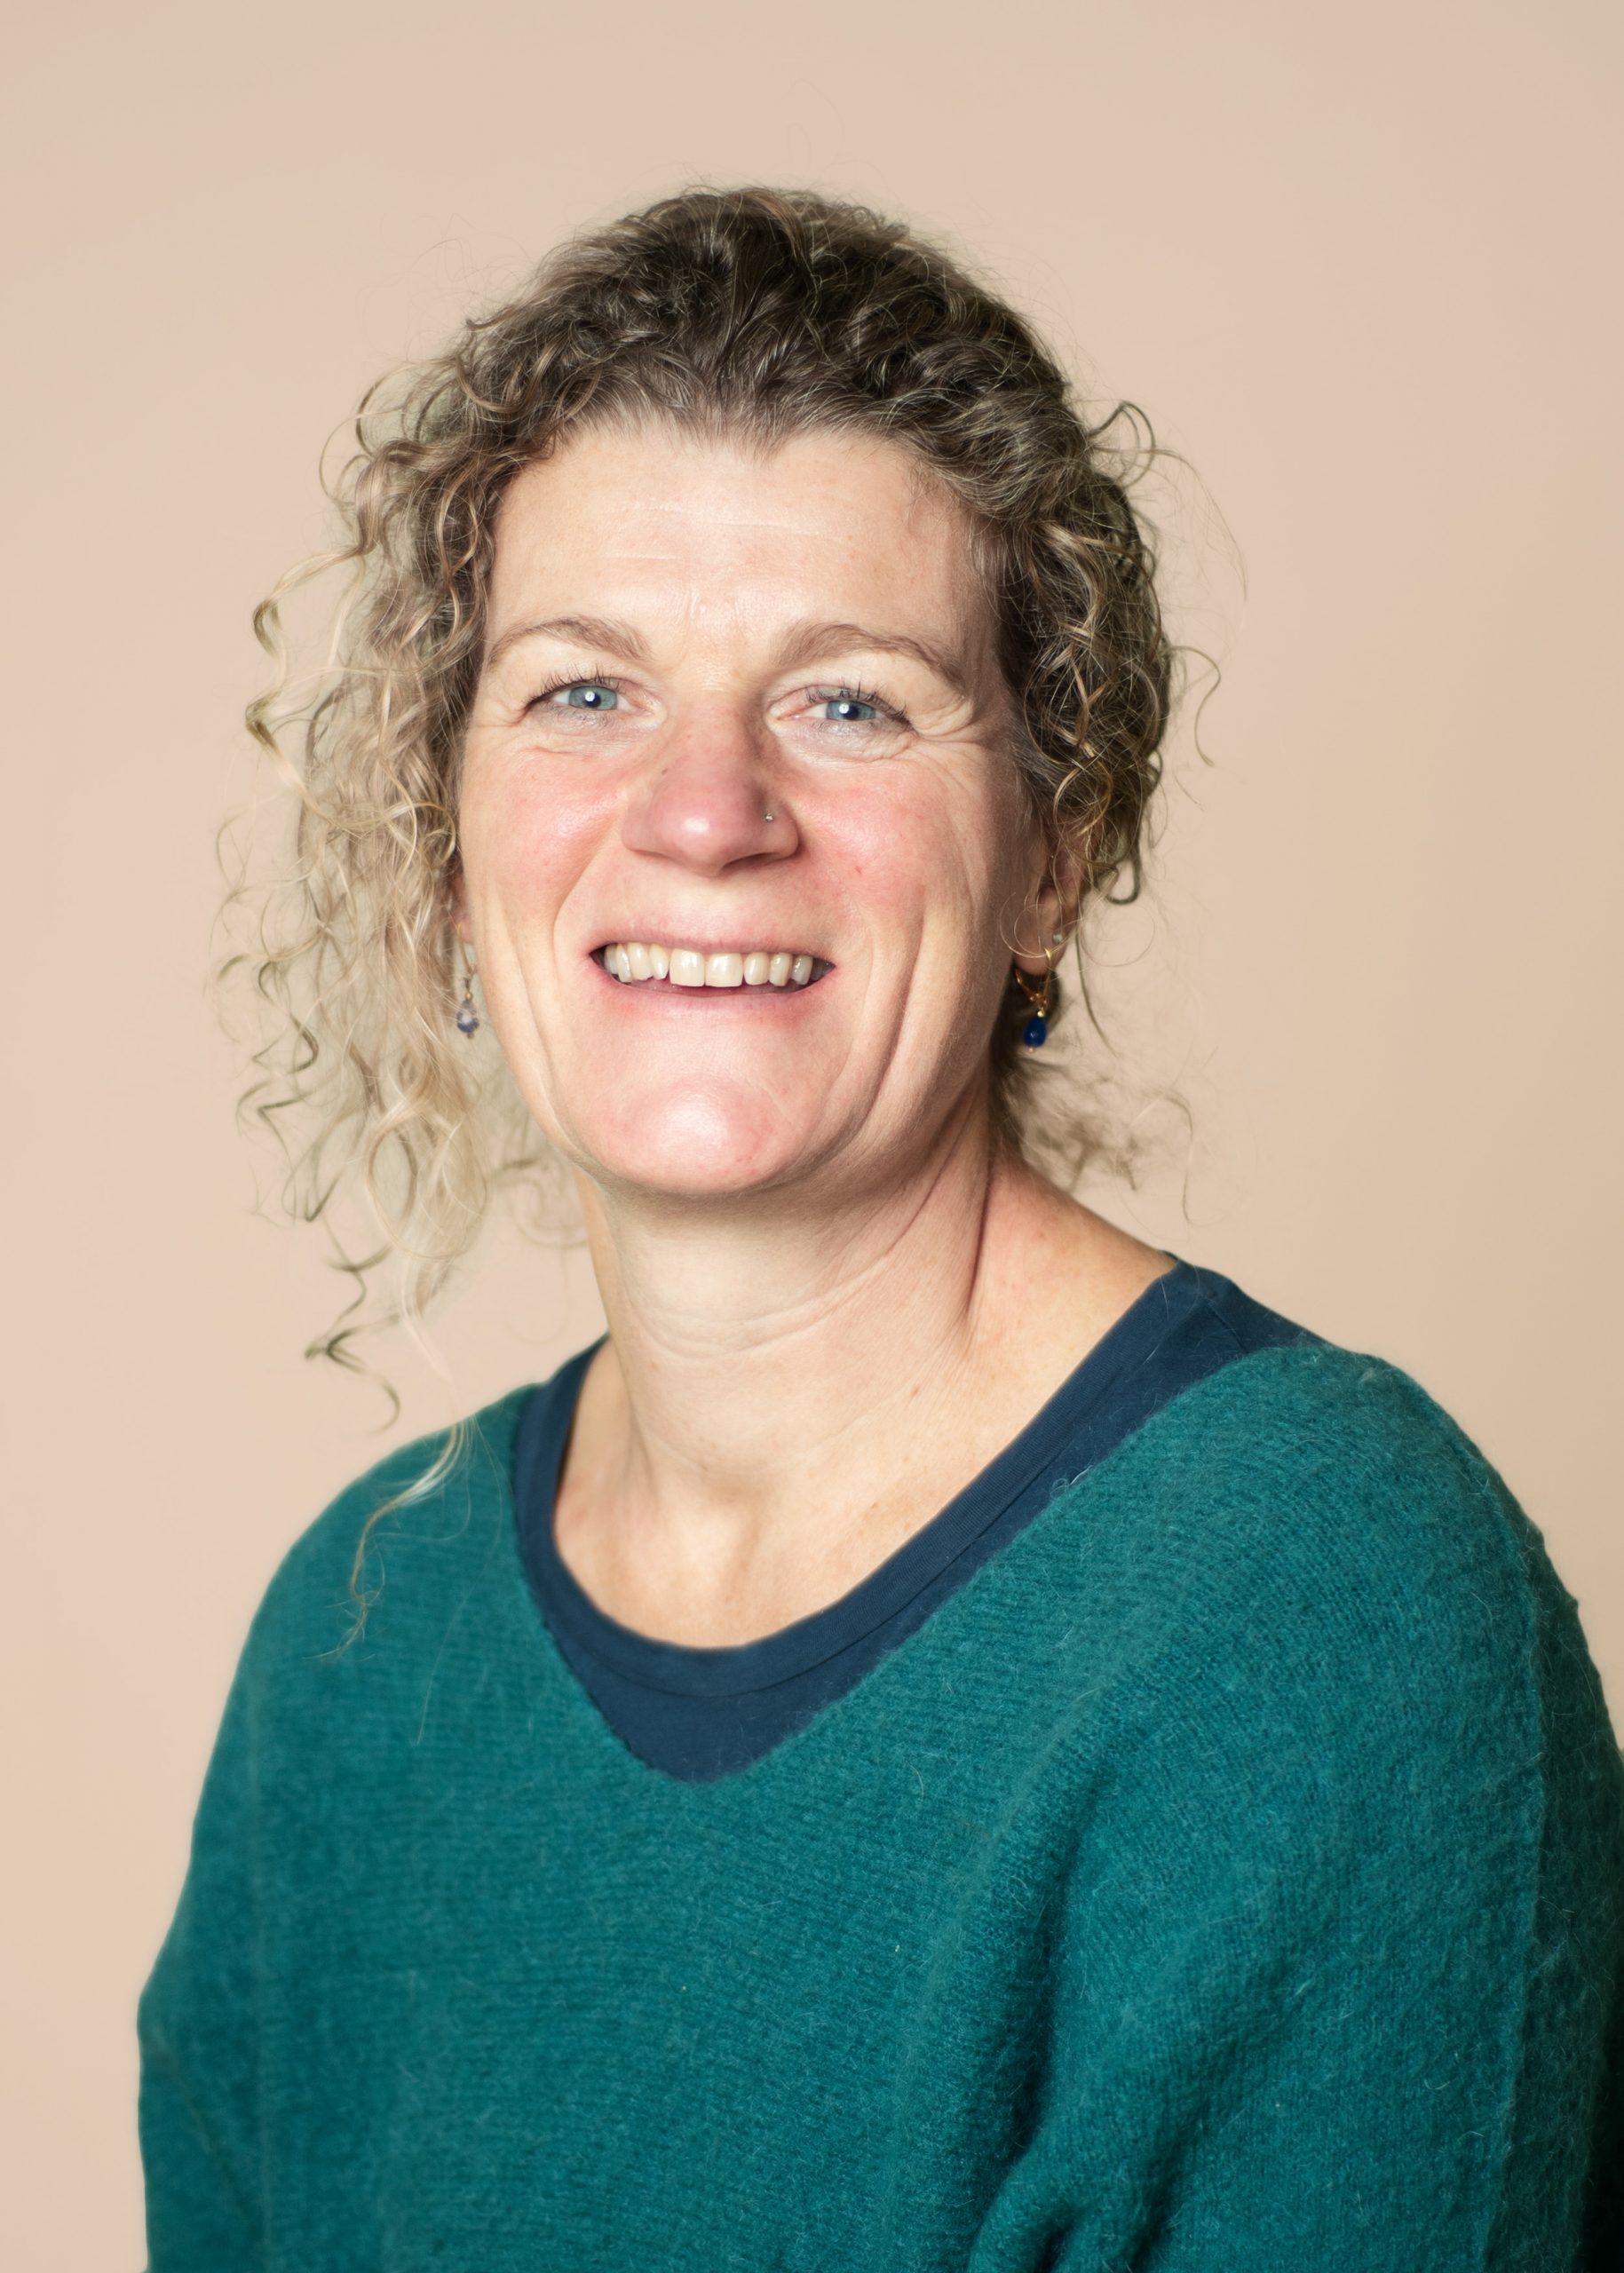 Ariette van der Feen